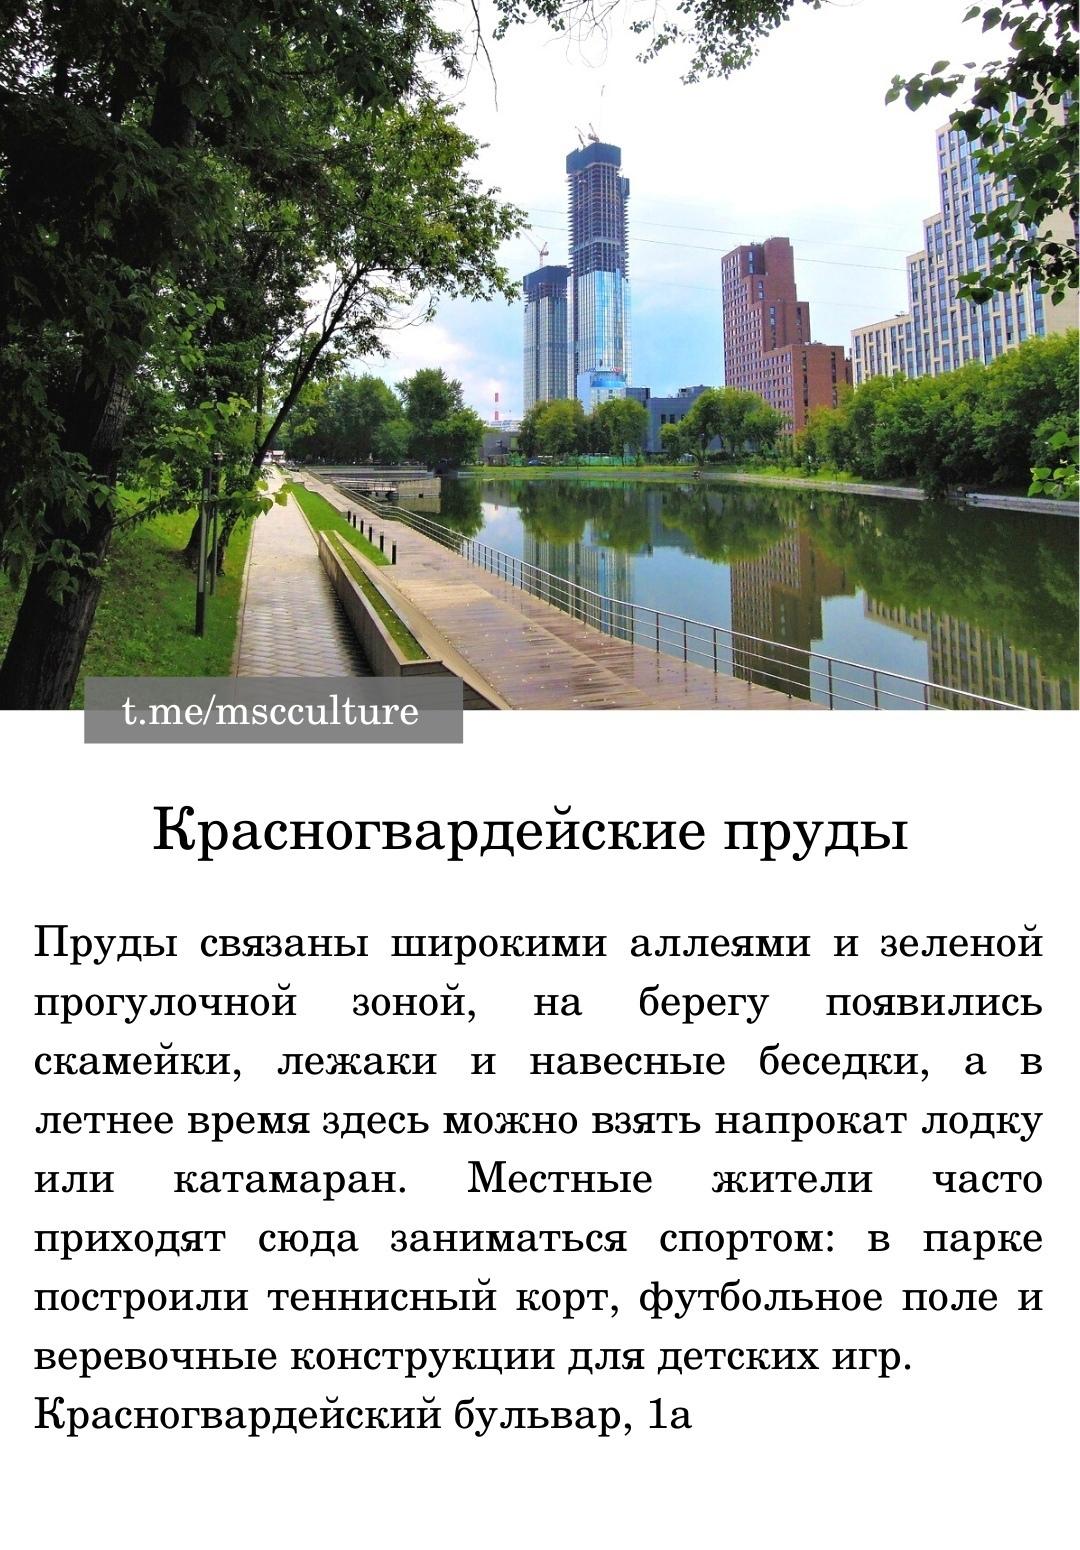 ТОП-5 отличных мест в Москве для отдыха у воды: